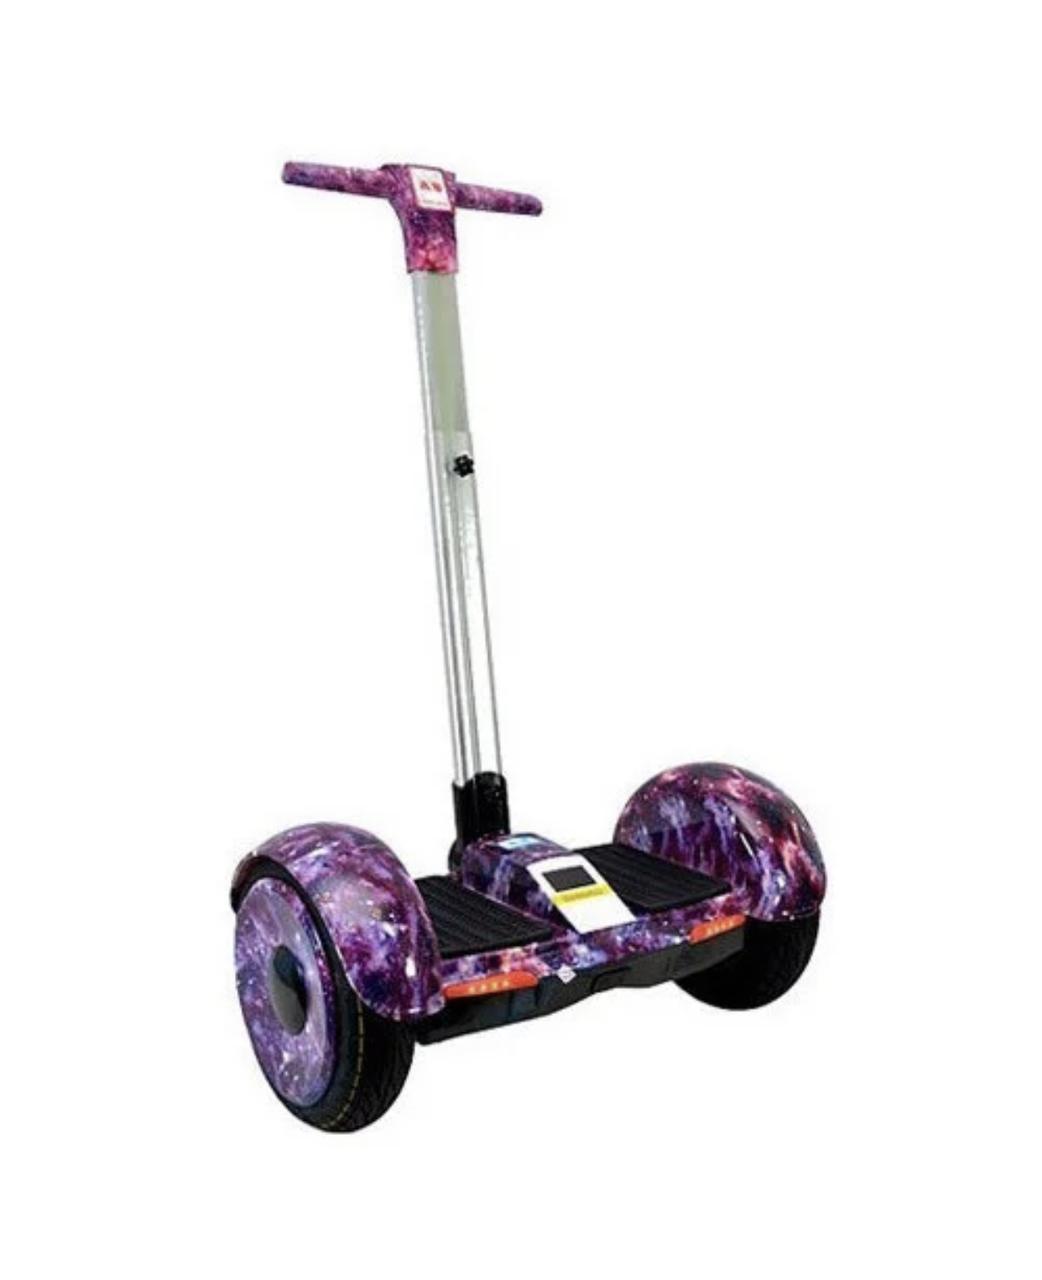 Гироскутер міні-сігвеї Smart Balance А8 Рожевий космос